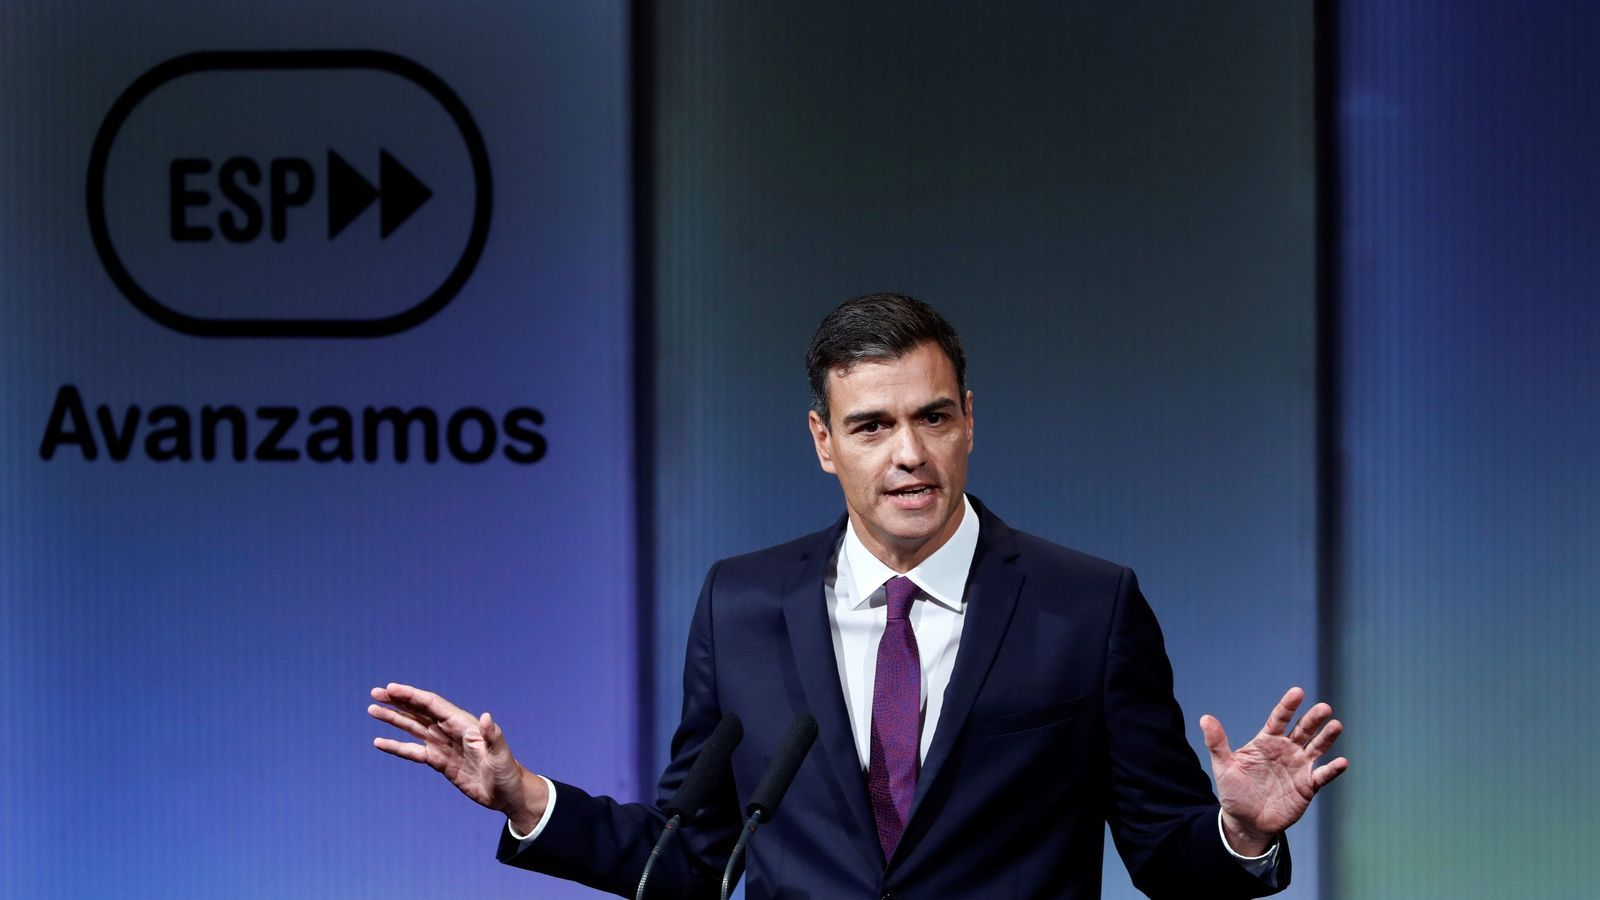 Pedro Sánchez fa balanç dels seus primers 100 dies de president del govern espanyol